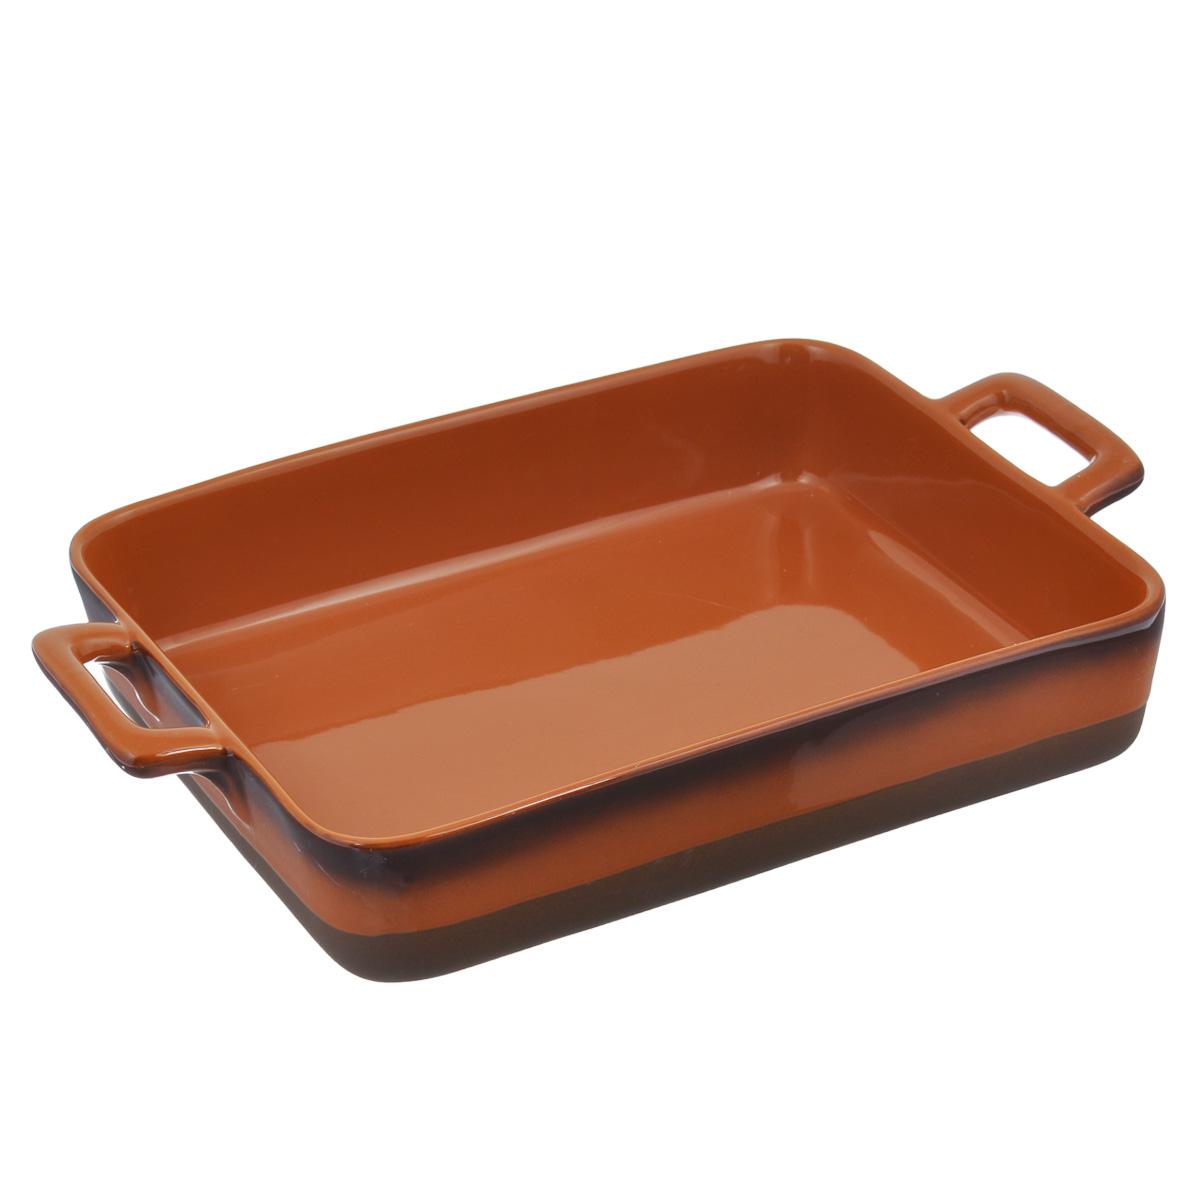 """Форма для запекания """"Enns"""", выполненная из керамики, станет незаменимым помощником у вас на кухне.Основные преимущества керамической формы для запекания """"Enns"""":   Подходит для использования в микроволновой, конвекционной печи и духовке; Подходит для хранения продуктов в холодильнике и морозильной камере; Устойчива к температурам от -30°С до +220°С; Можно мыть в посудомоечной машине; Идеально подходит для сервировки стола. Керамическая посуда пользуется огромной популярностью во всем мире, и не случайно. Всем известны достоинства этой необыкновенно красивой и практичной посуды. Ведь только керамическая посуда способна обеспечить равномерный нагрев и долгое сохранение температуры. Именно эти качества позволяют придать особый аромат продуктам, сохранить витамины и микроэлементы, которые часто разрушаются при нагревании. Кроме этого, керамическая посуда, не выделяет химических примесей в процессе приготовления пищи, что, безусловно, положительно скажется на вашем здоровье и самочувствии. Размер формы (без учета ручек): 32 см х 24 см х 6,5 см. Внутренний размер формы (без учета ручек): 31 см х 23,5 см х 6 см. Длина формы (с учетом ручек): 39 см."""